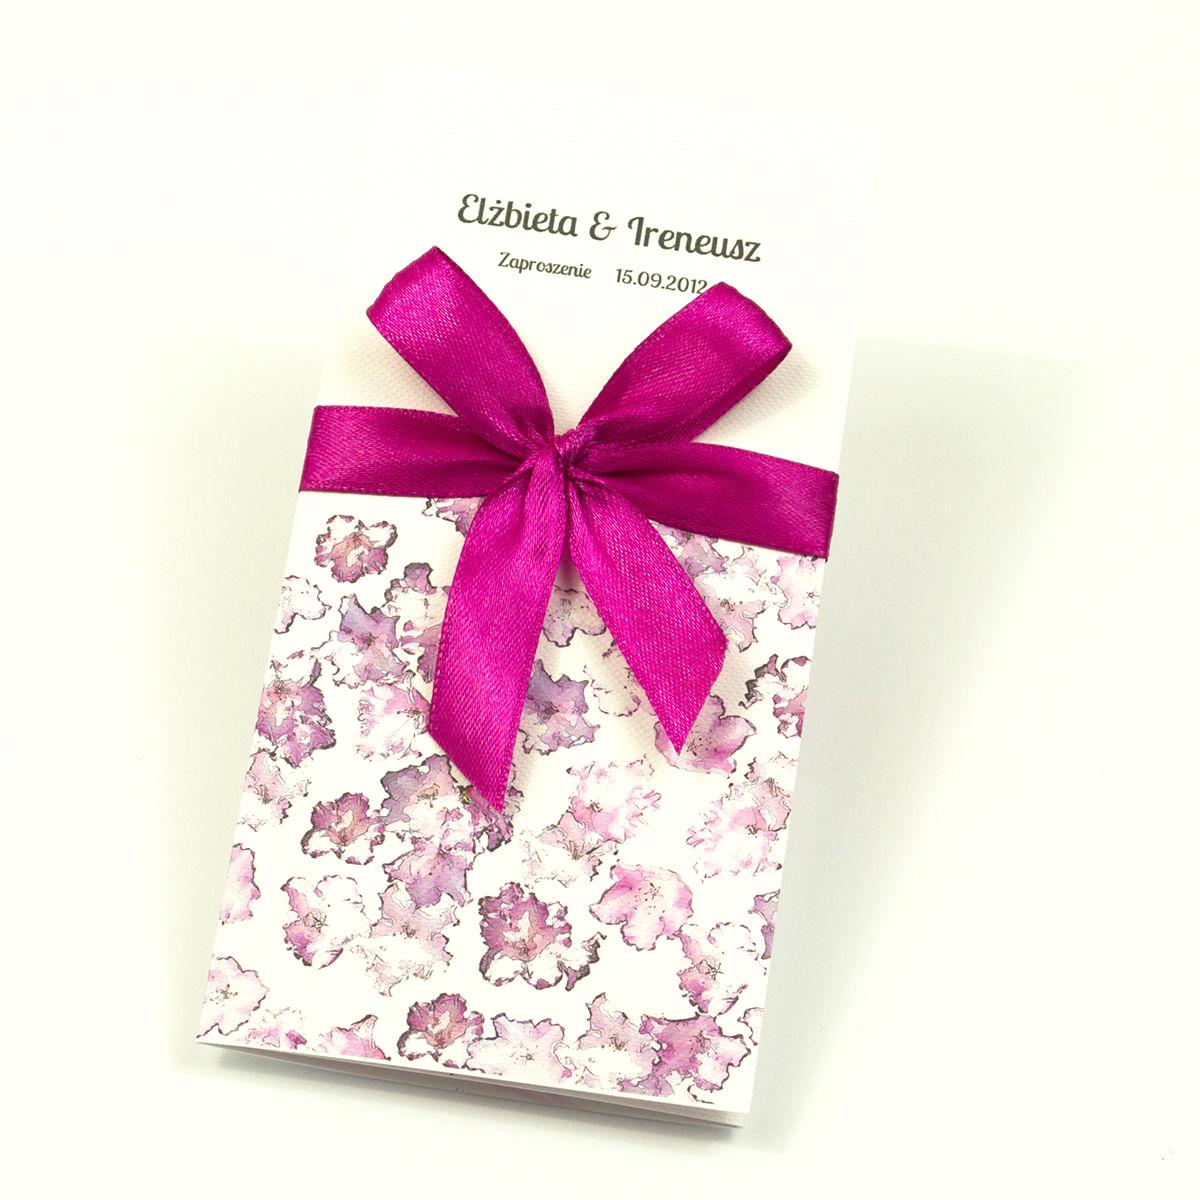 Zjawiskowe zaproszenia ślubne z kwiatami rododendronu (różanecznika, azalii), przewiązane wstążką satynowaną w intensywnym, malinowym kolorze. ZAP-92-13